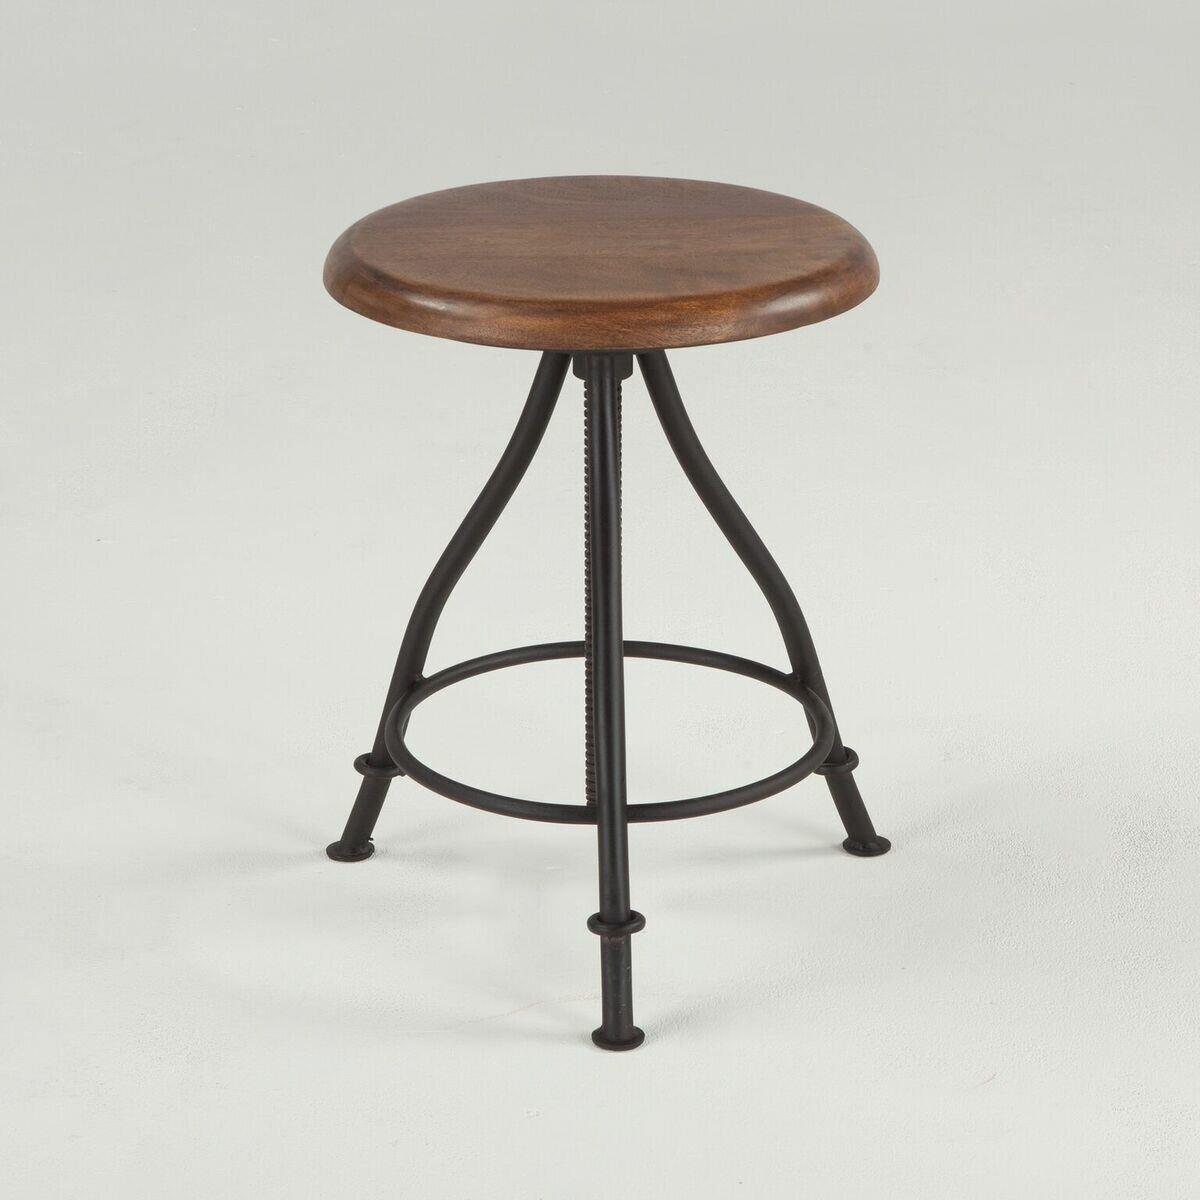 Merveilleux World Interiors Artesia Acacia Wood And Iron Adjustable Backless Stool |  Wayfair